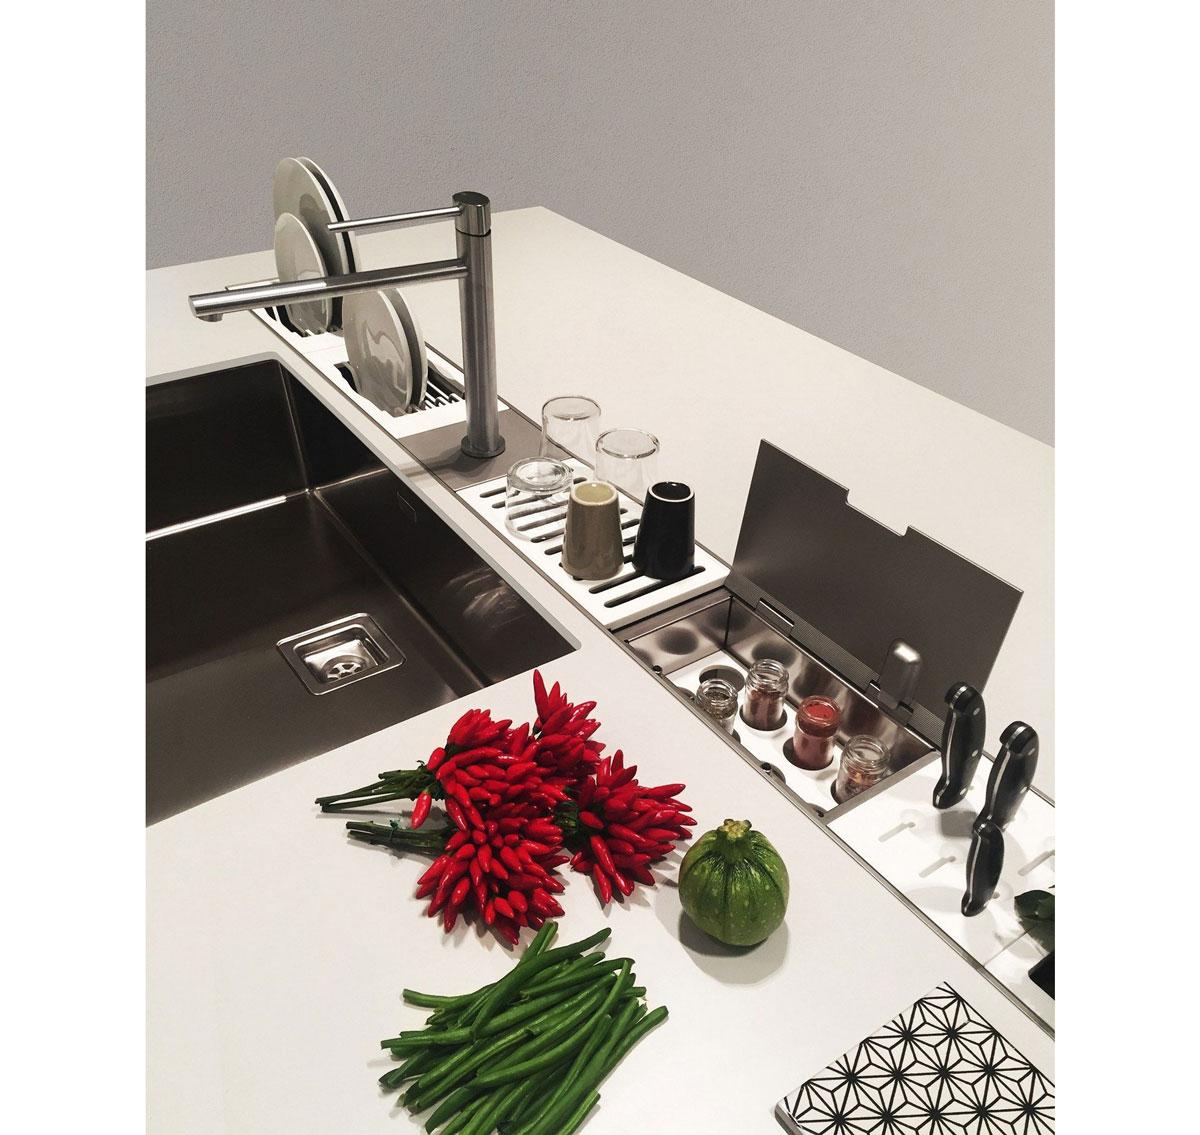 tipy na zmenu v kuchyni pre menší aj väčší rozpočet: pracovná kuchynská doska so zapustenými odkladacími priestormi